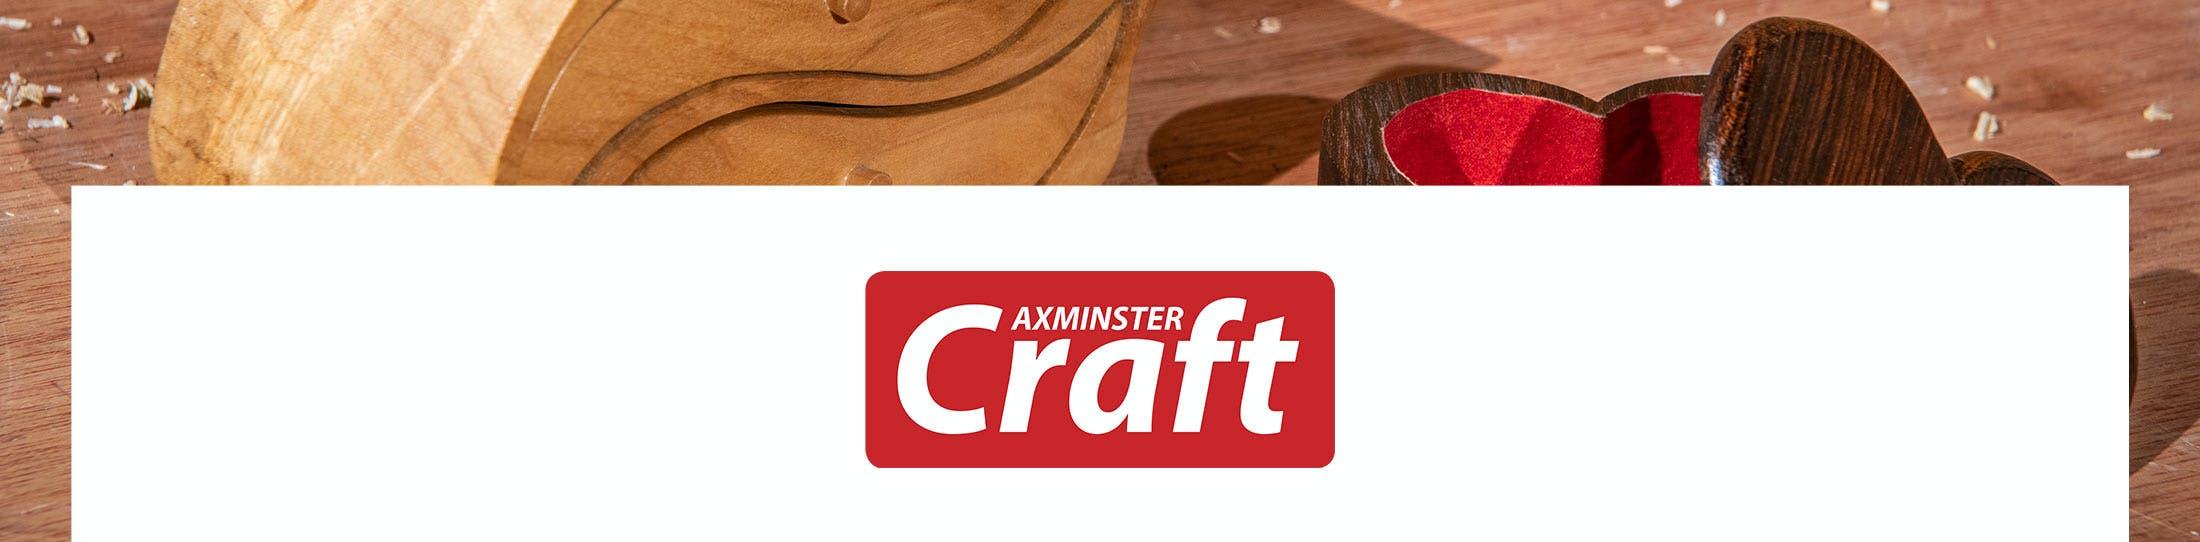 Axminster Craft